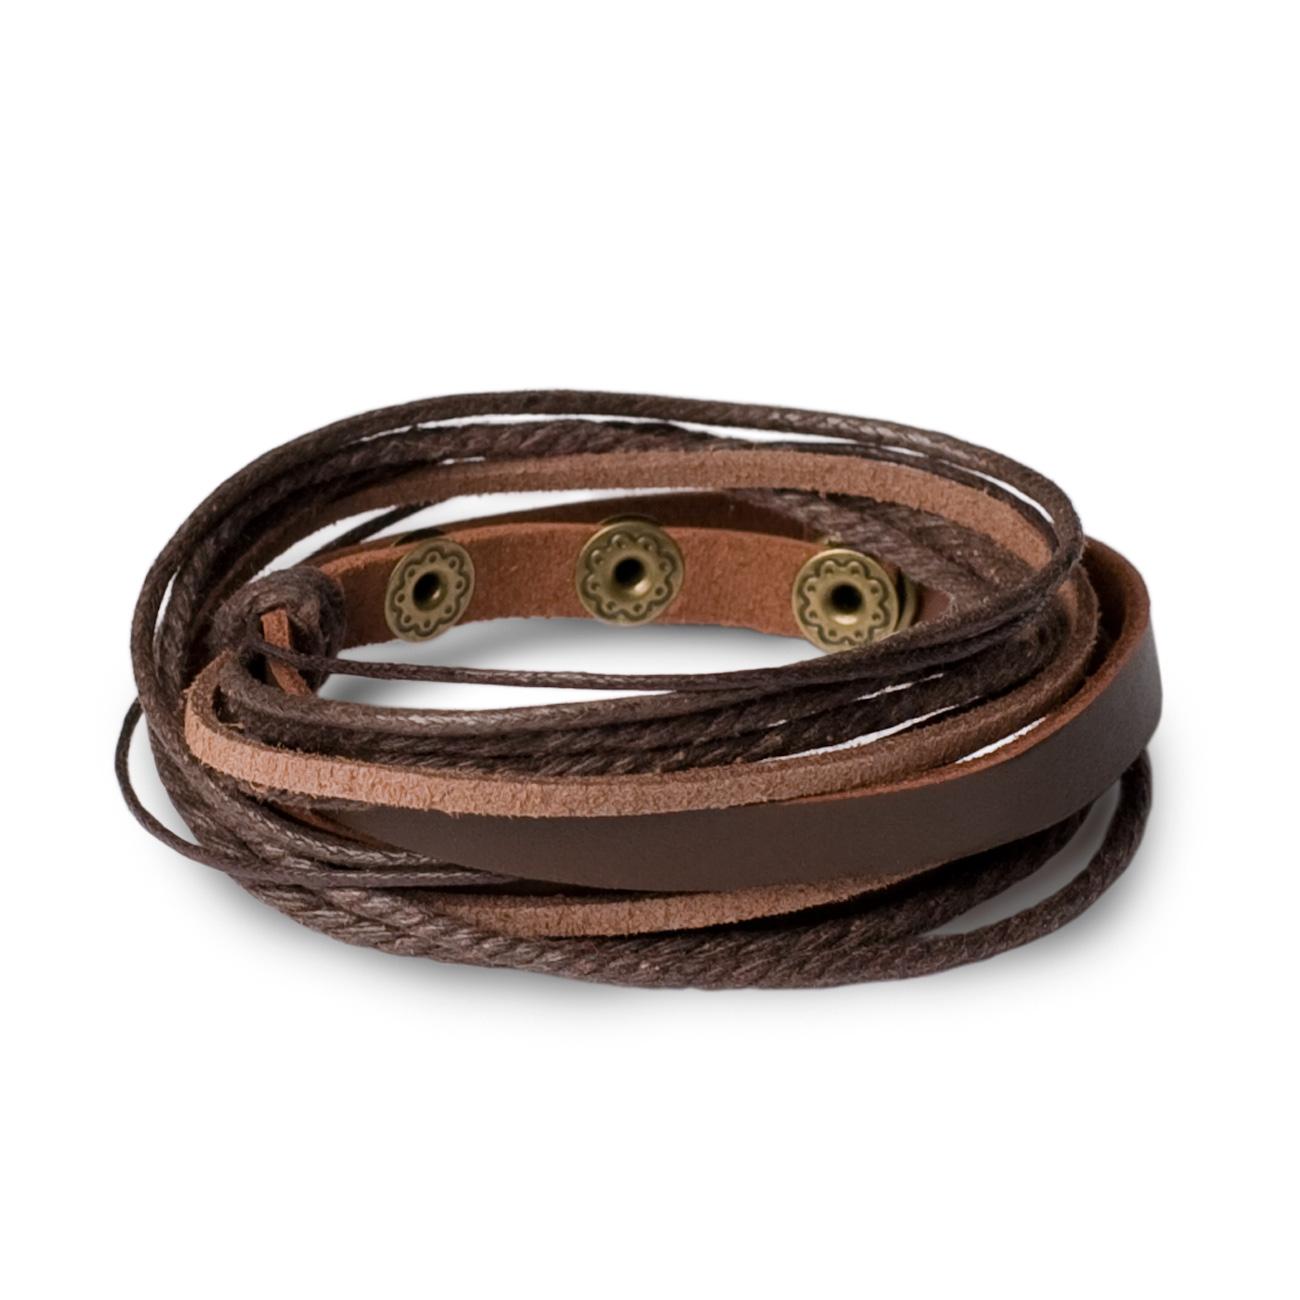 wickelarmband surfer armband leder herren damen braun. Black Bedroom Furniture Sets. Home Design Ideas